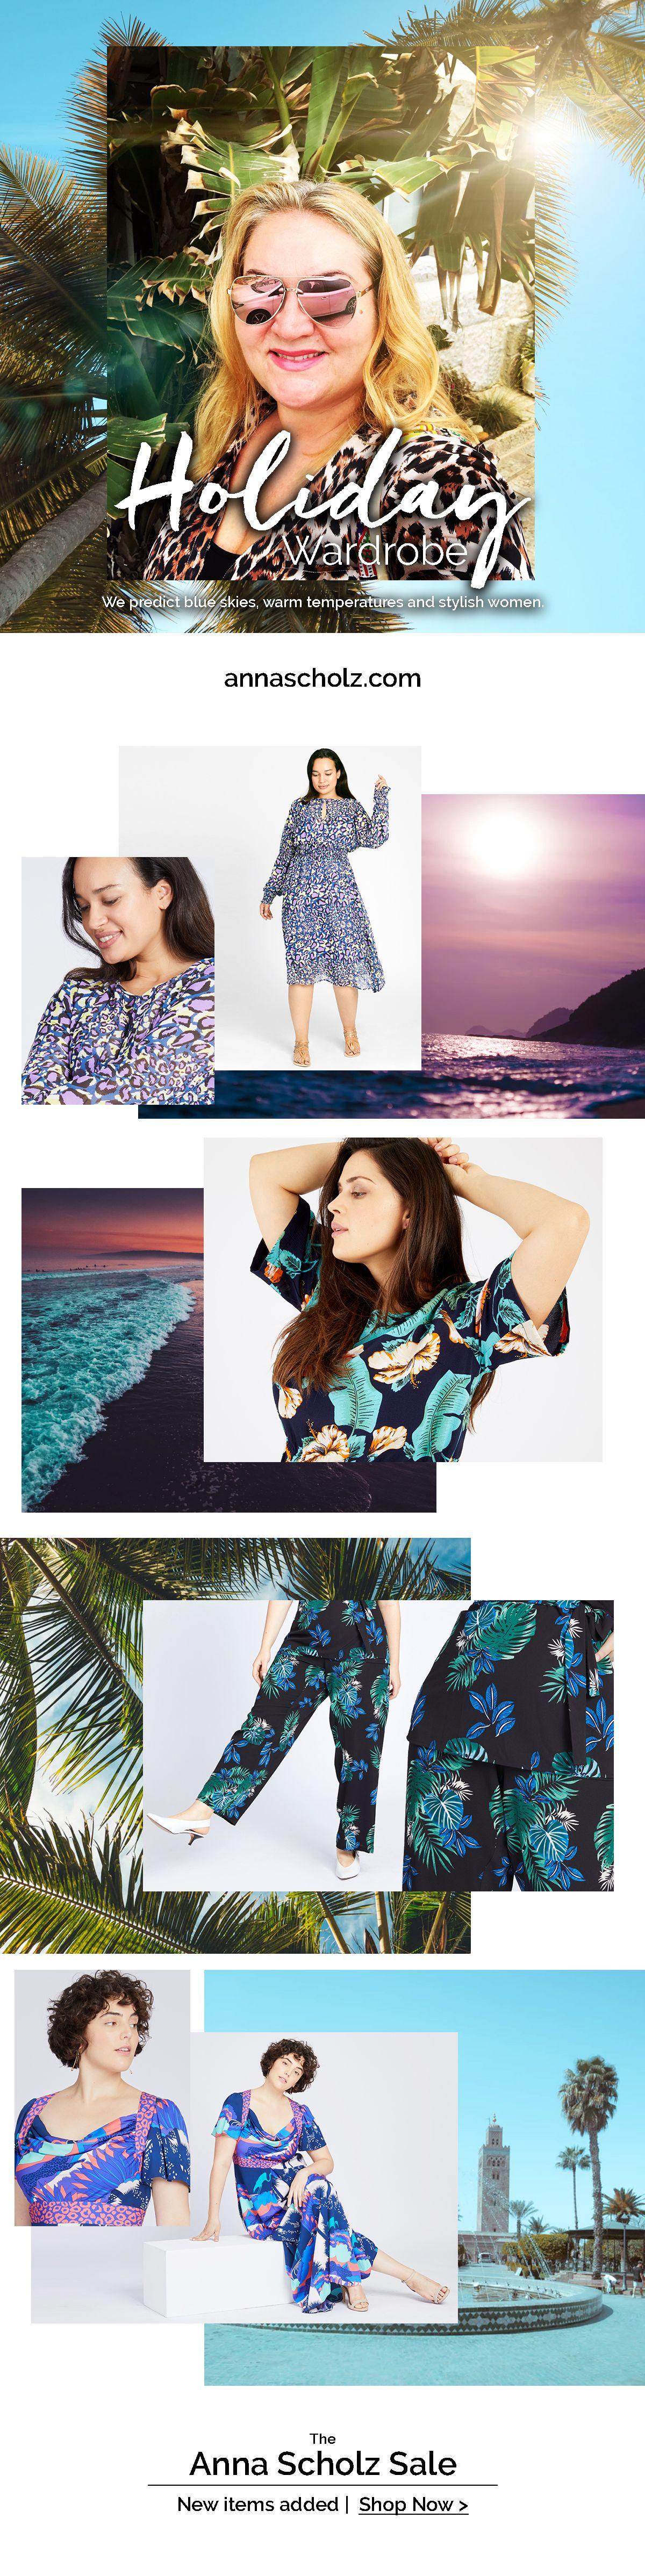 Anna Scholz: Holiday Wardrobe